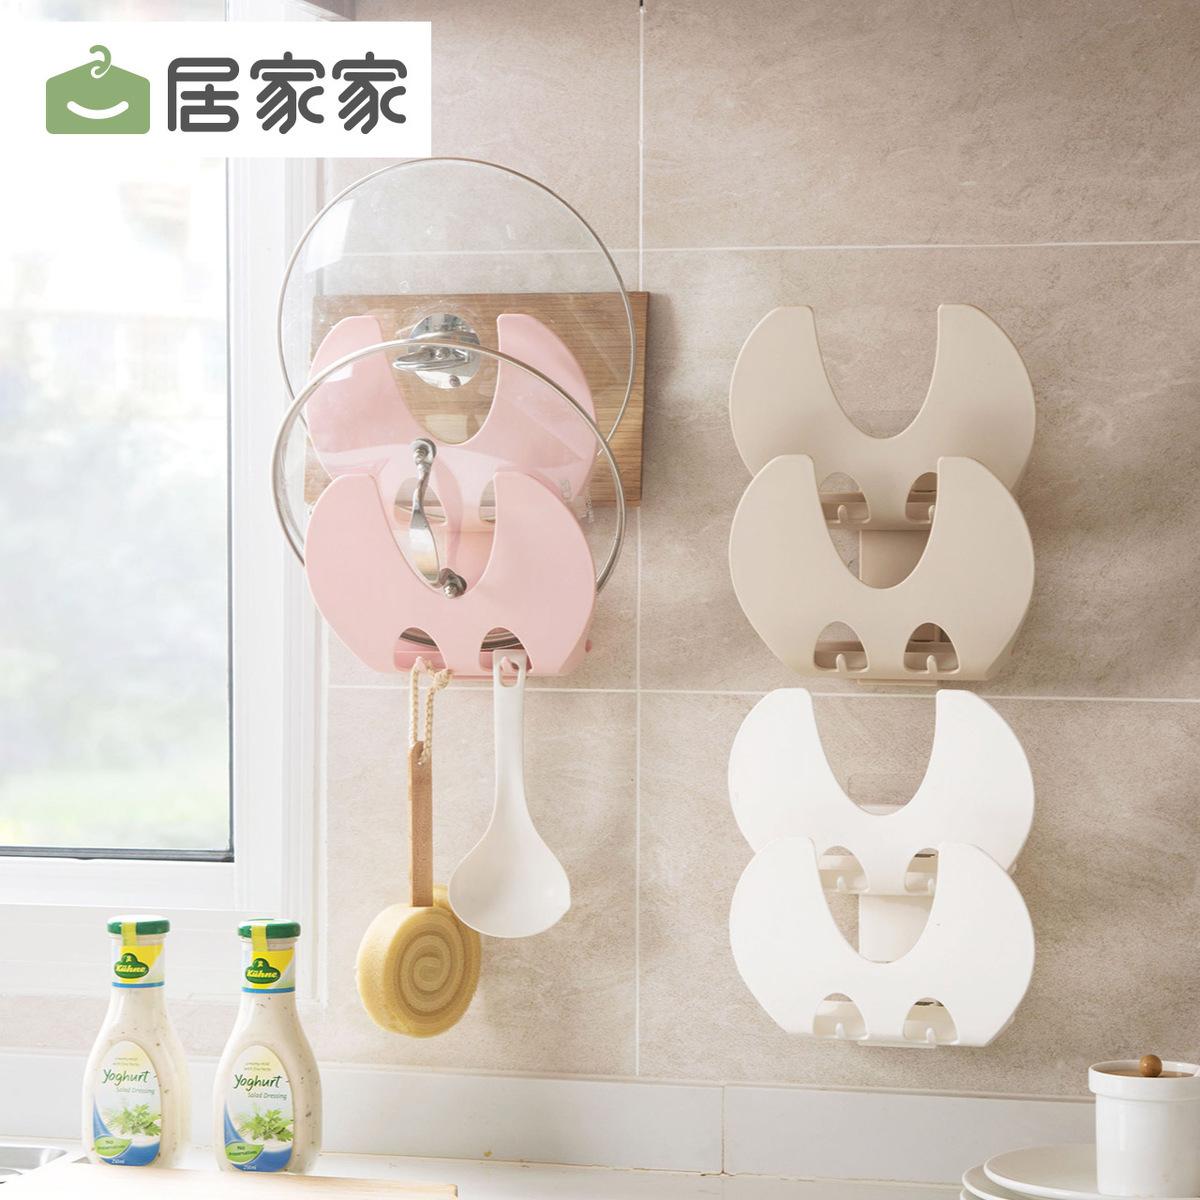 居家家壁挂家用免打孔厨房放锅盖架19.00元包邮